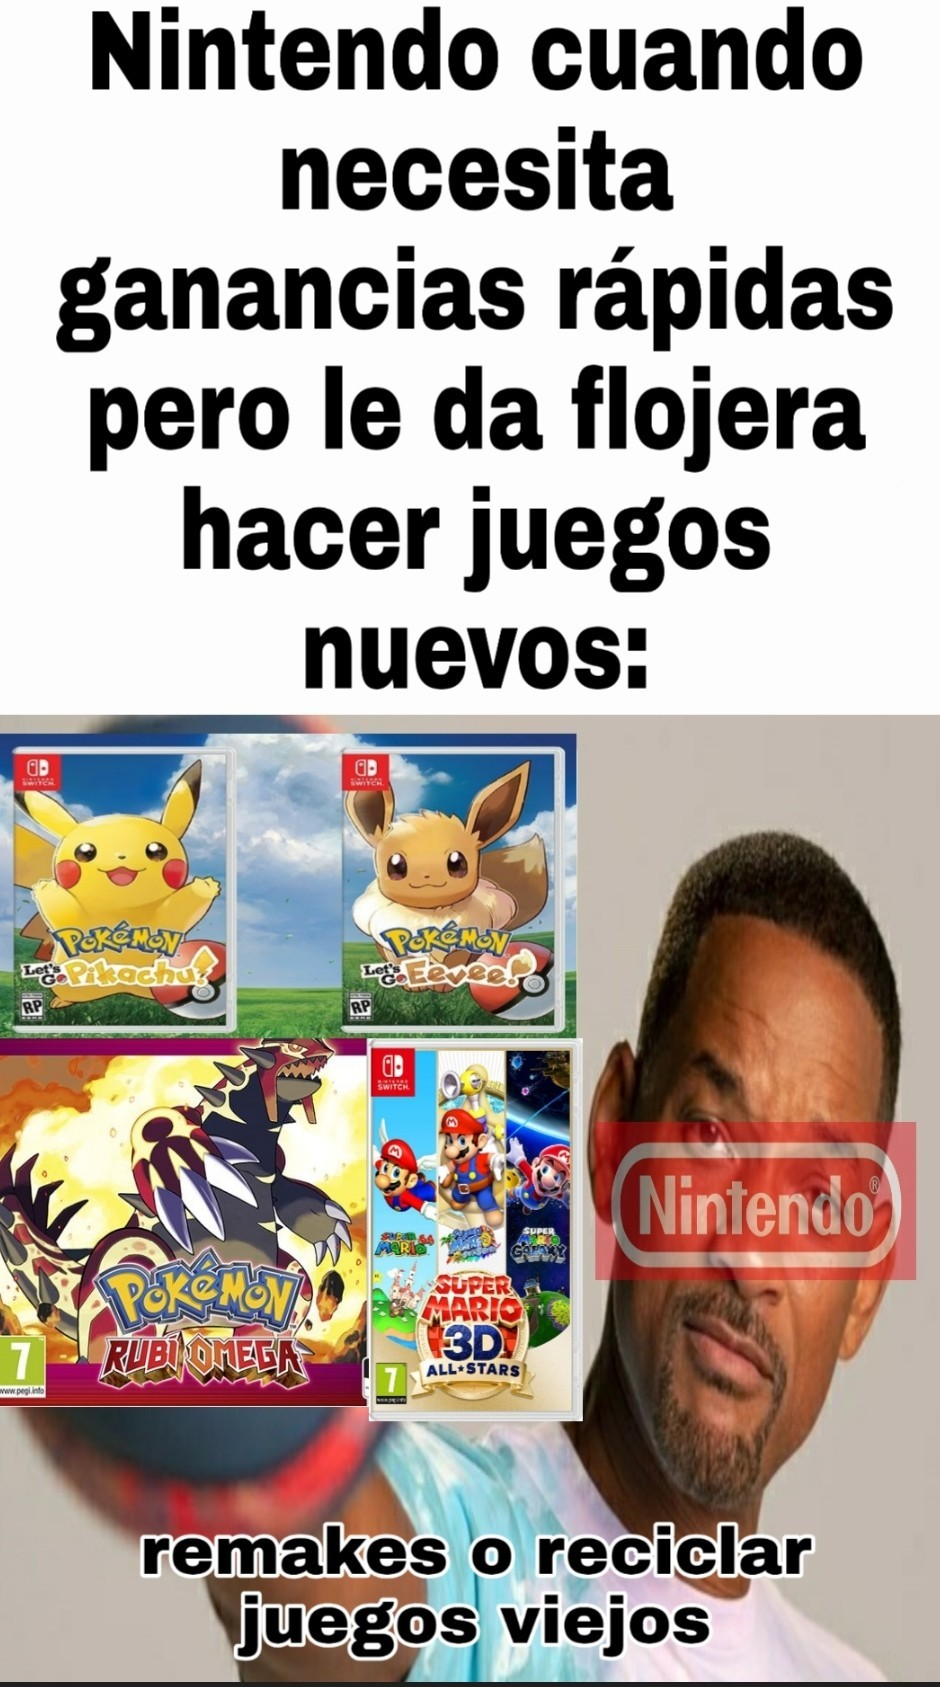 Ha reciclado pokemon rojo 3 veces no jodas... Pokemon rojo, pokemon rojo fuego y pokemon lets go Pikachu, si sé capitán lento, pero me demoré en encontrar la plantilla - meme